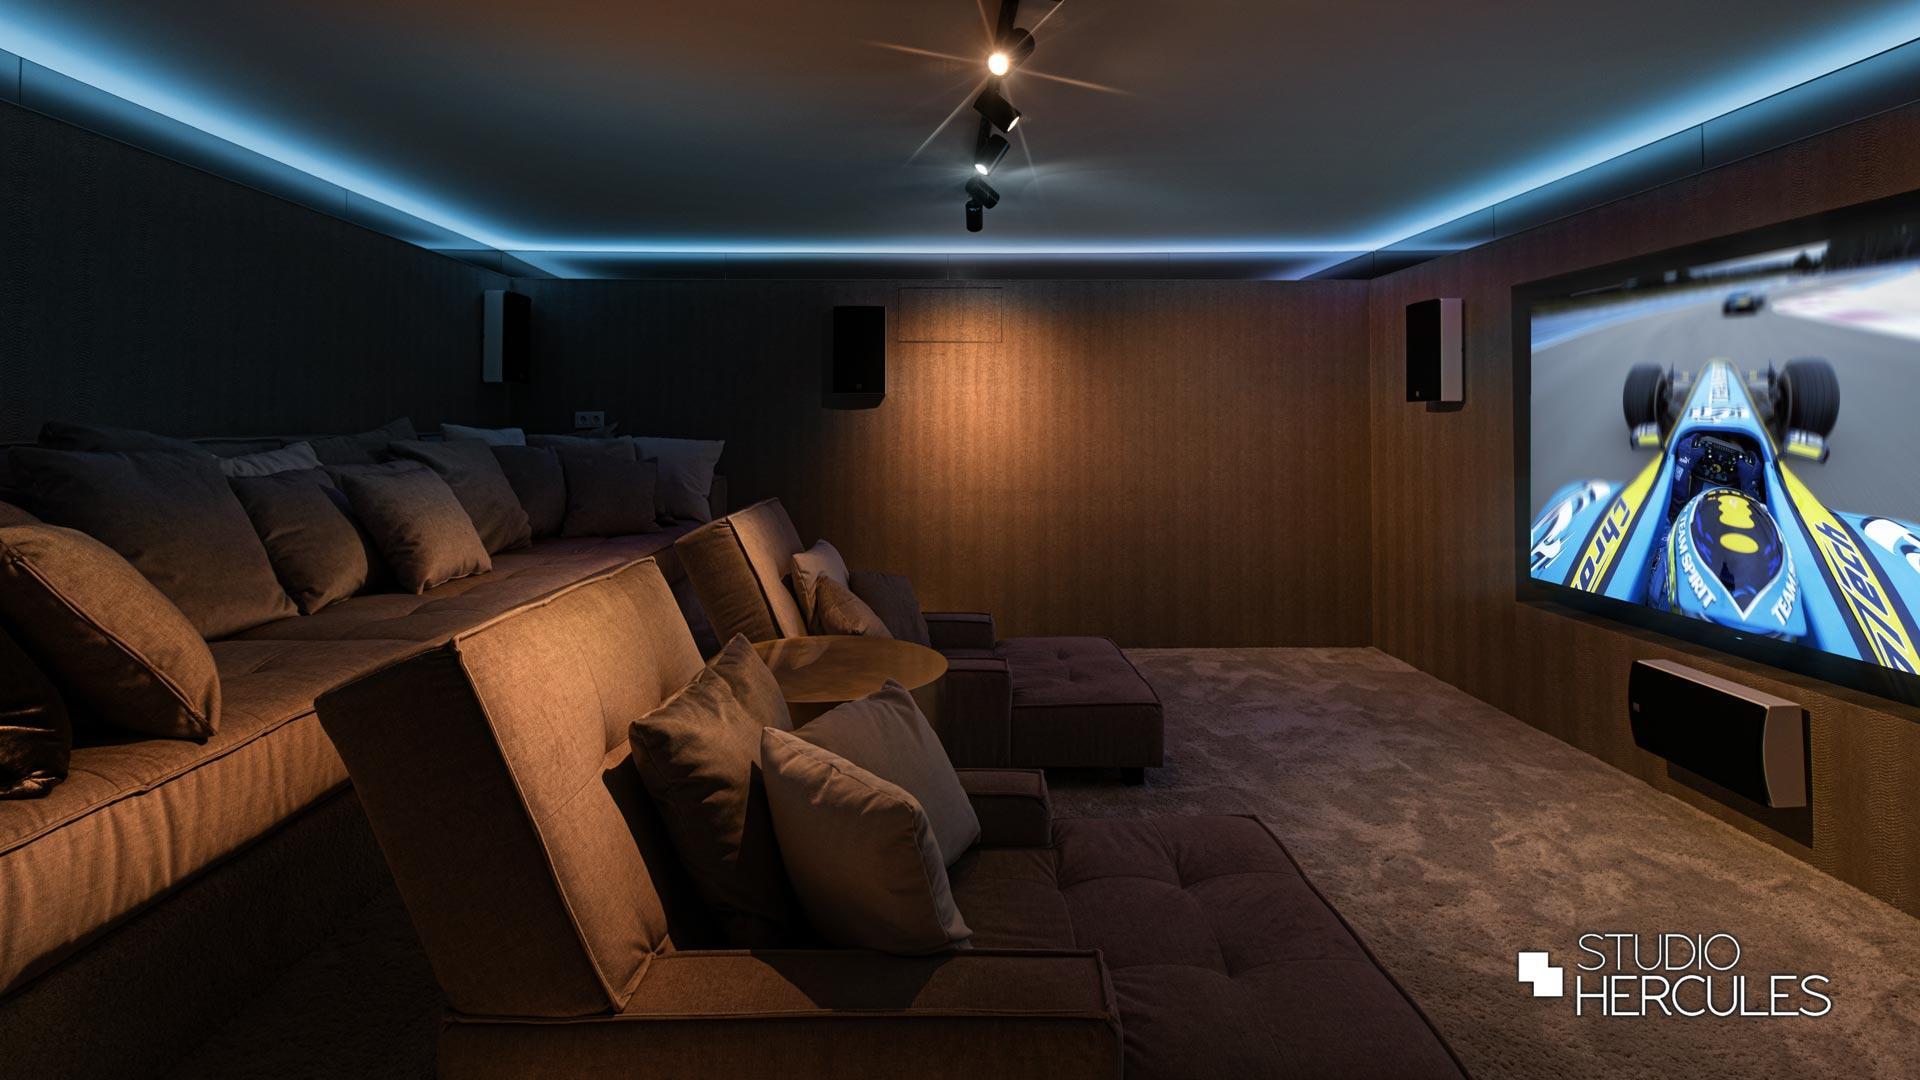 StudioHercules_home_cinema_amsterdam_03